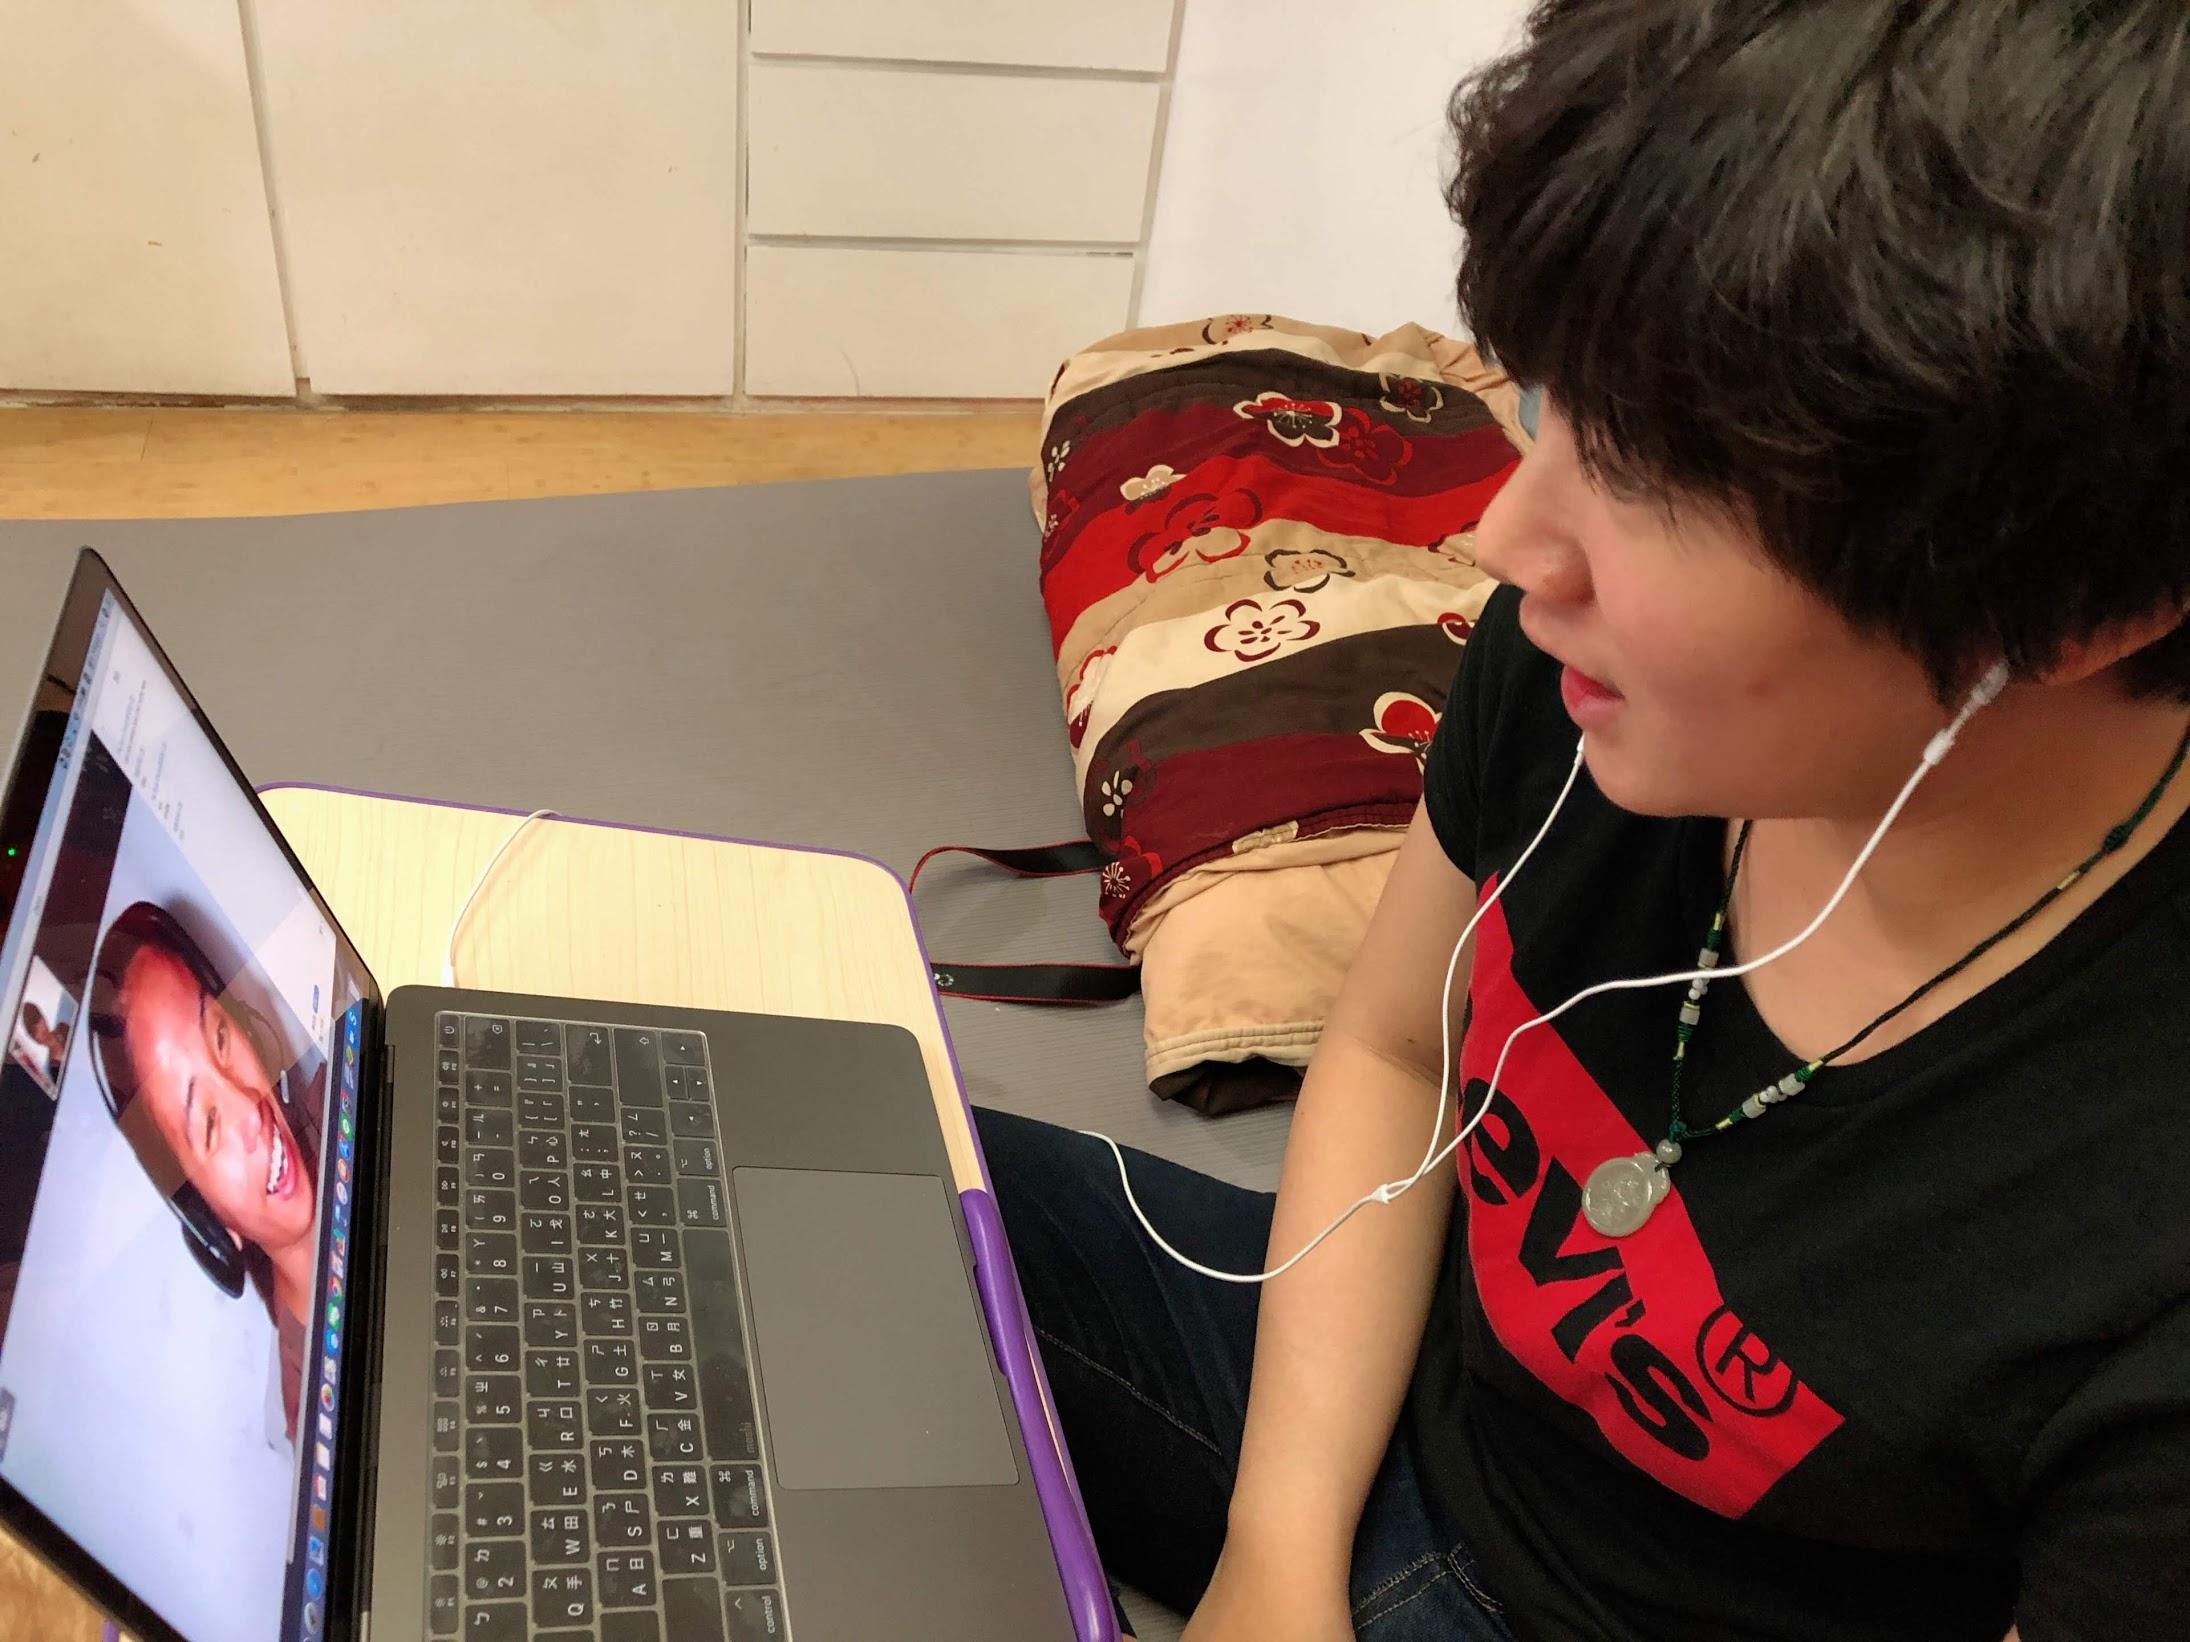 愛酷哈英語工作室|1對1線上英文教學,單買課程想上就上超方便 @秤瓶樂遊遊